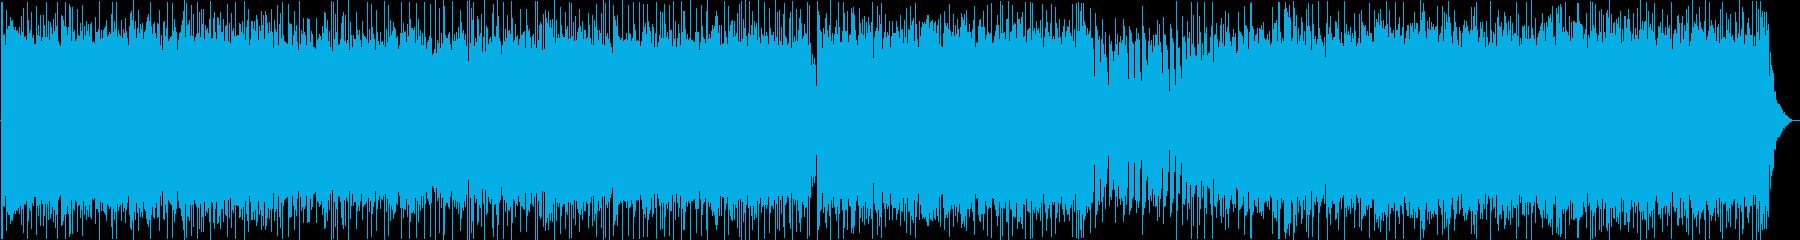 激しく疾走感のある重低音がきいたメタルの再生済みの波形